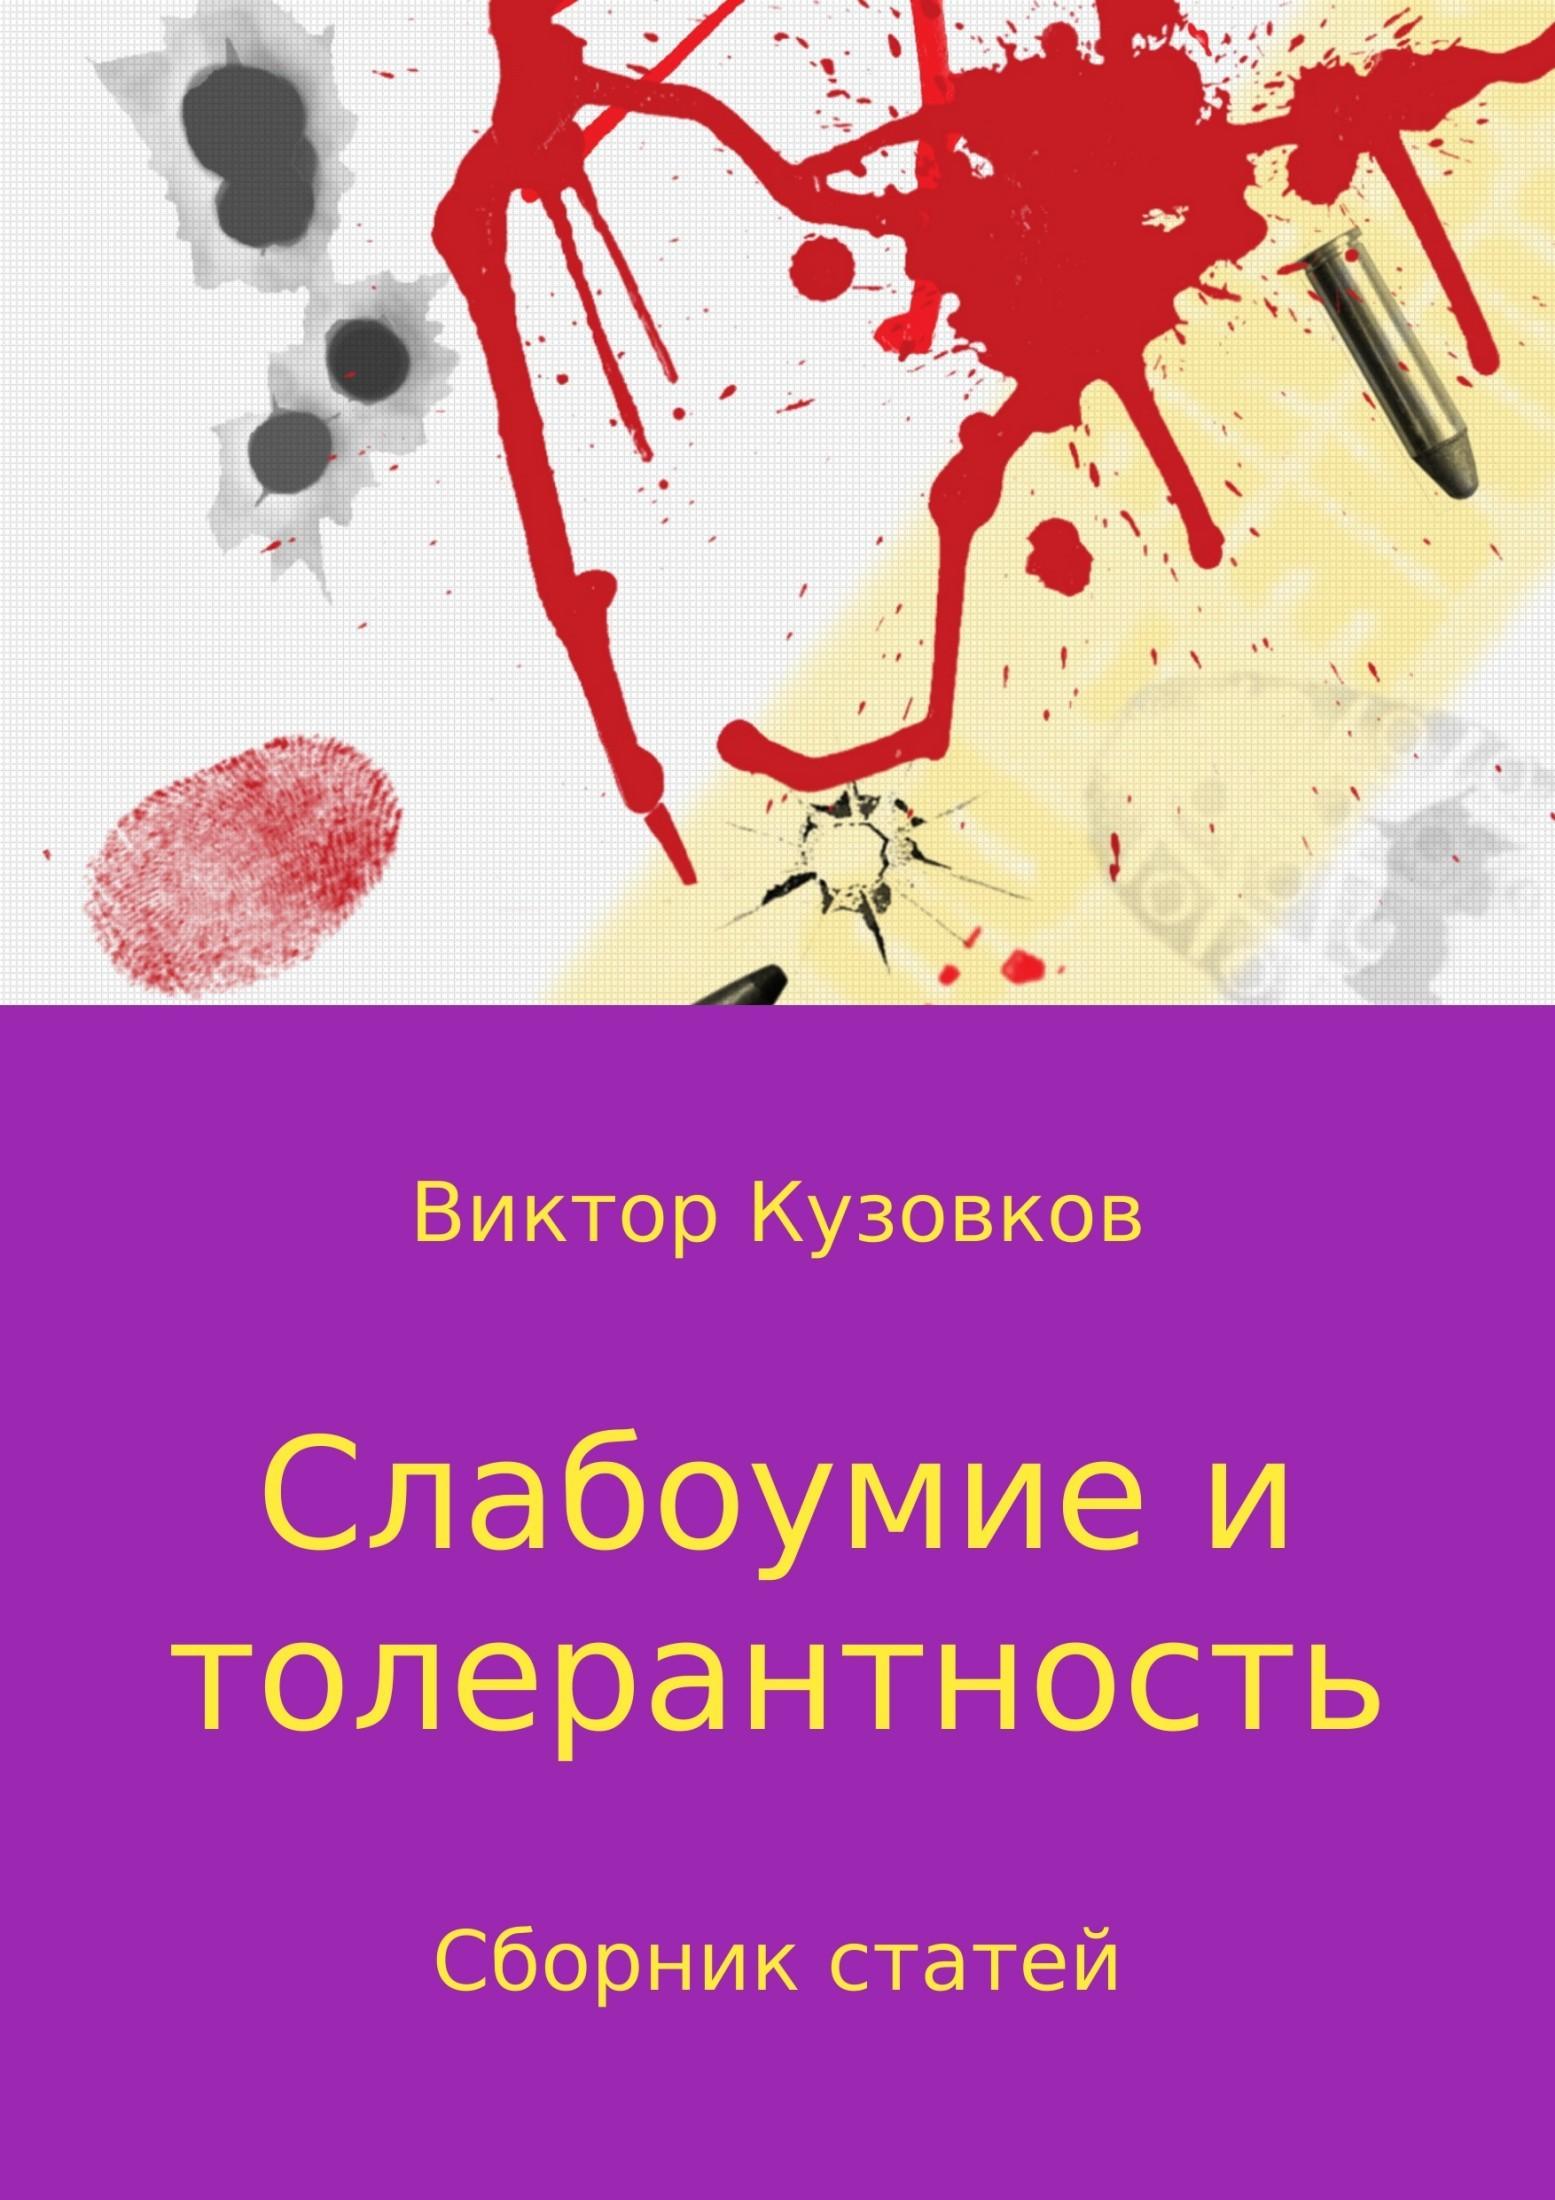 Виктор Кузовков - Слабоумие и толерантность